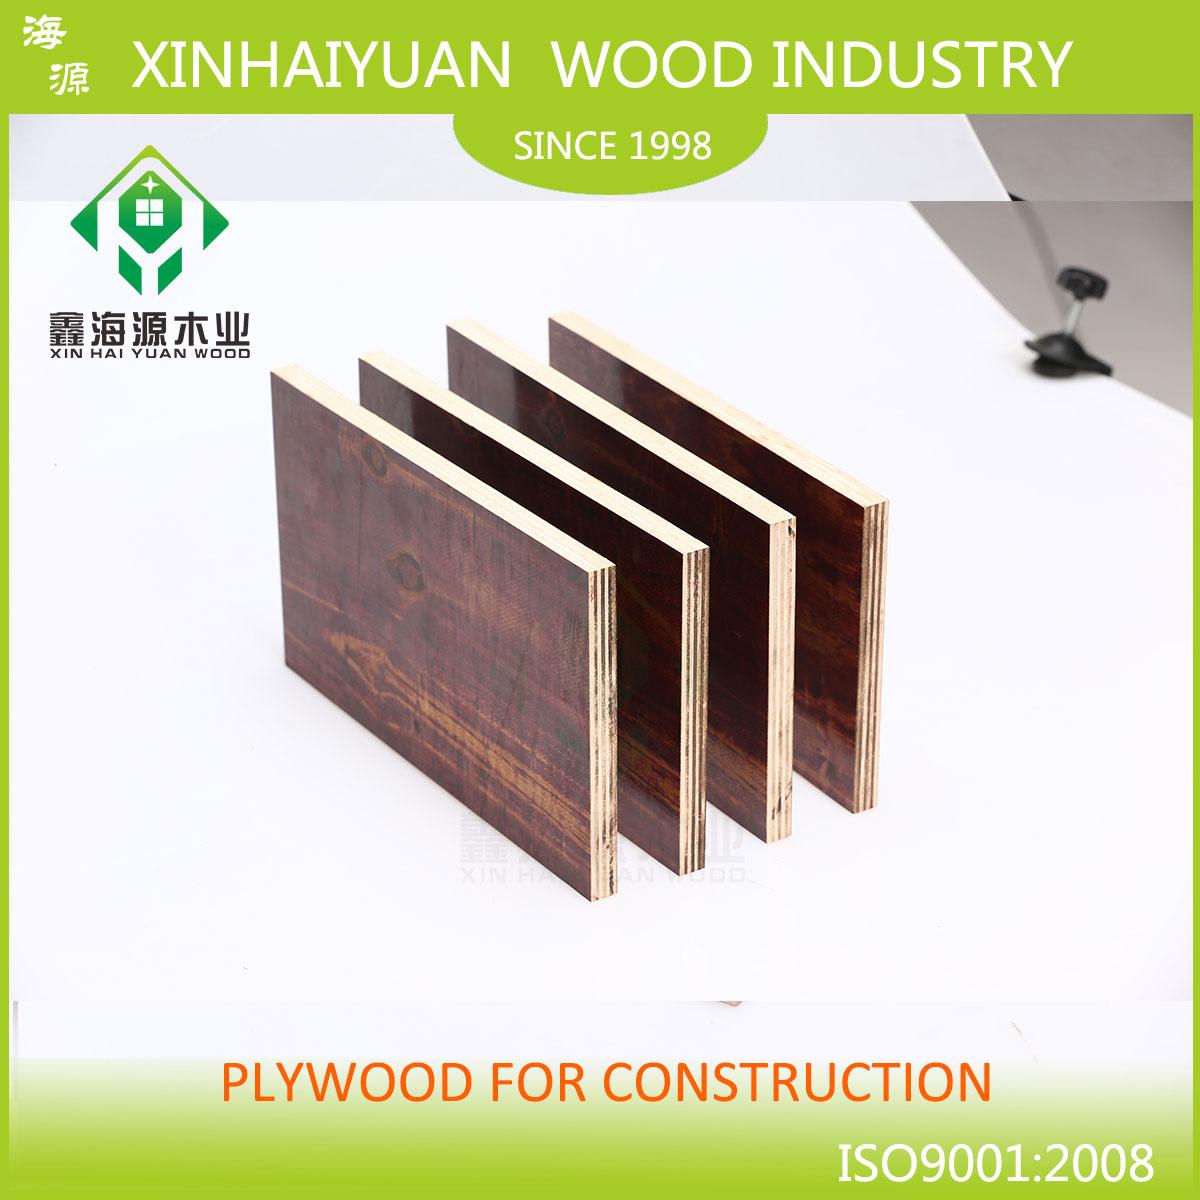 深圳环保性建筑模板引领时代的潮流